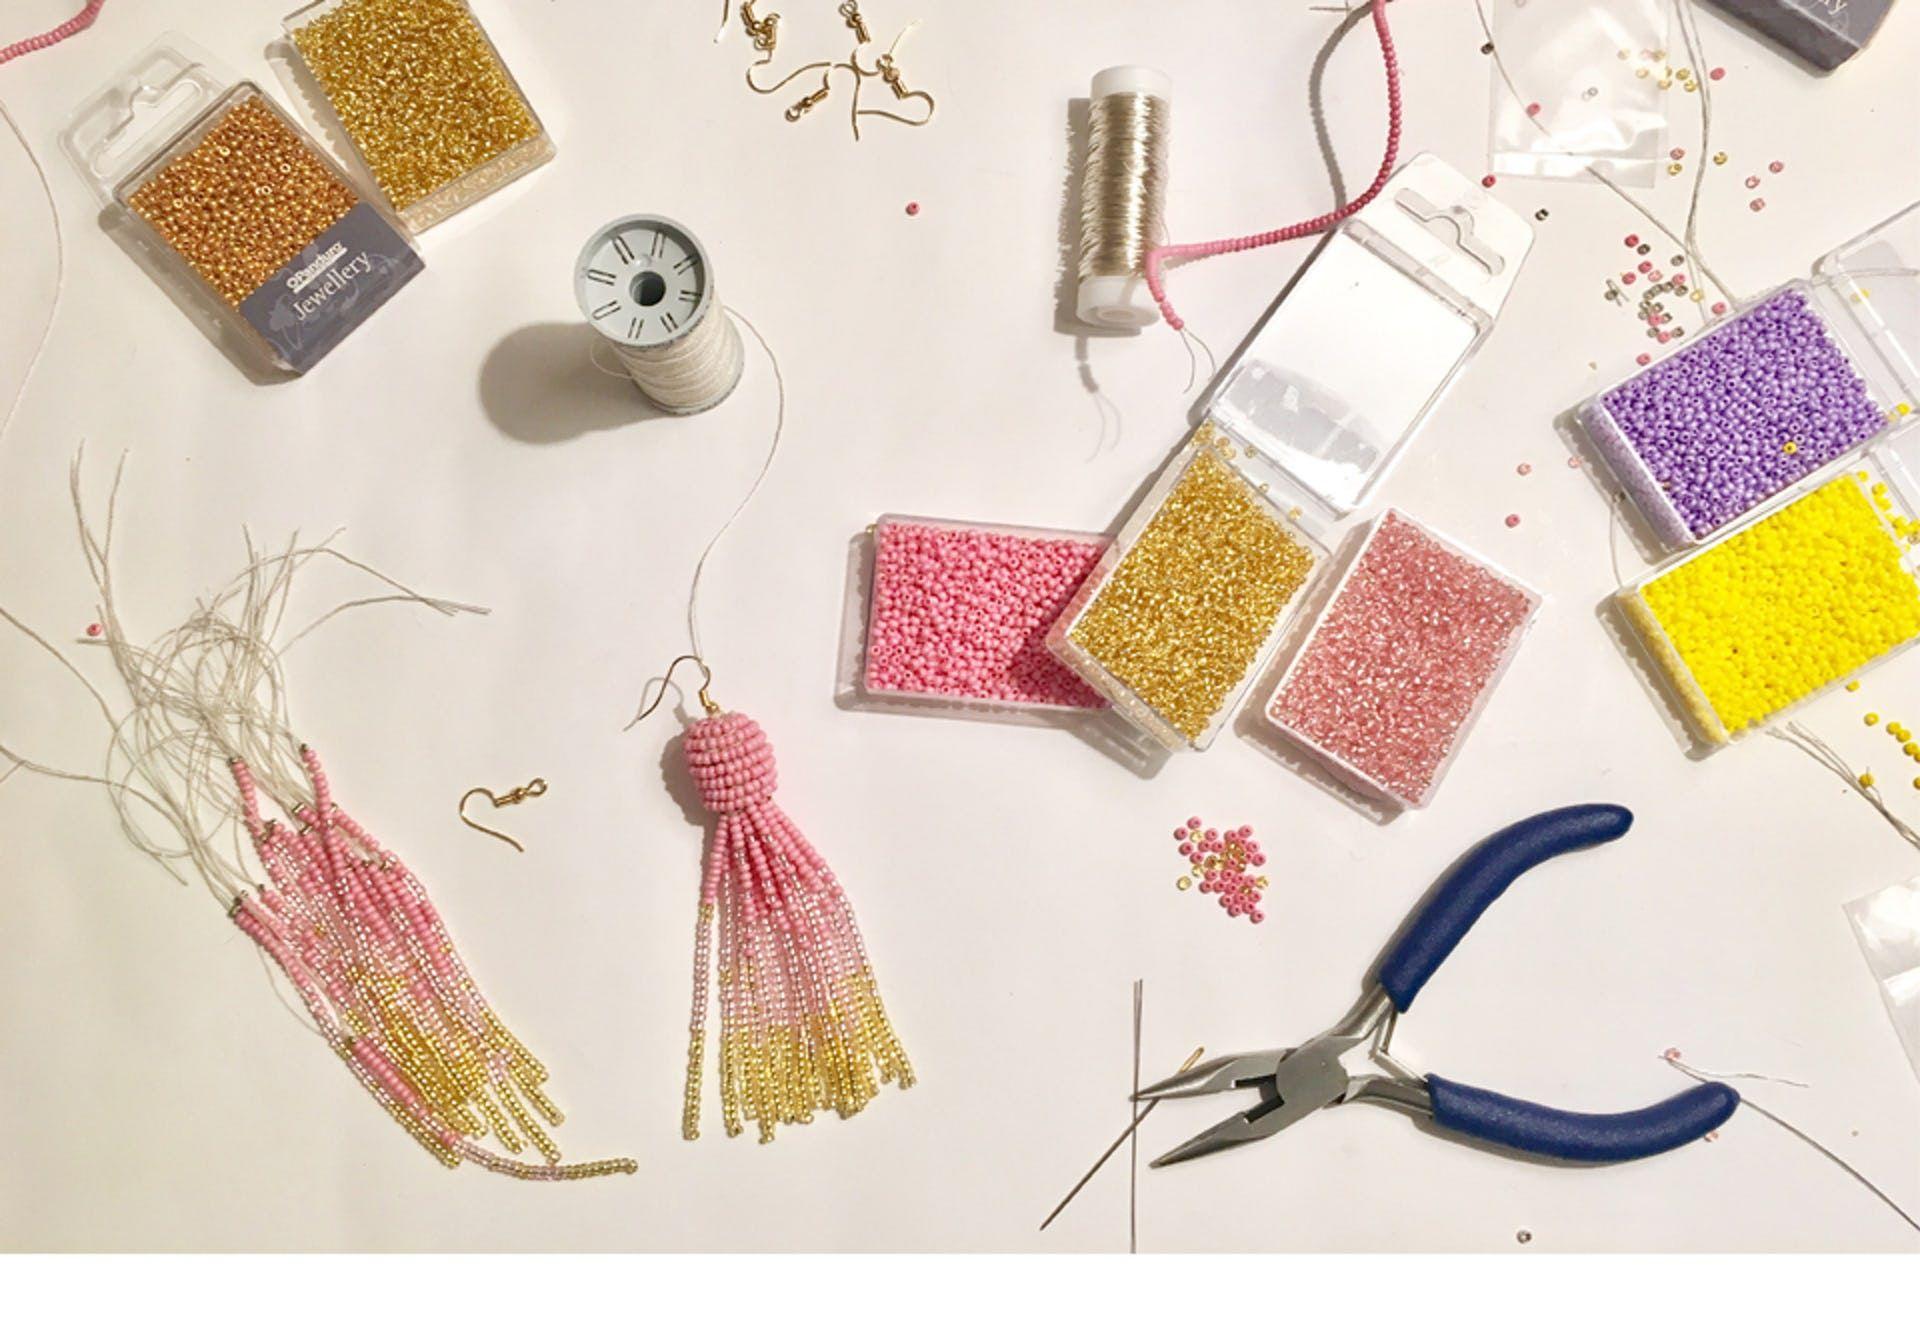 DIY til kvastøreringe: Sådan laver du de populære it-øreringe